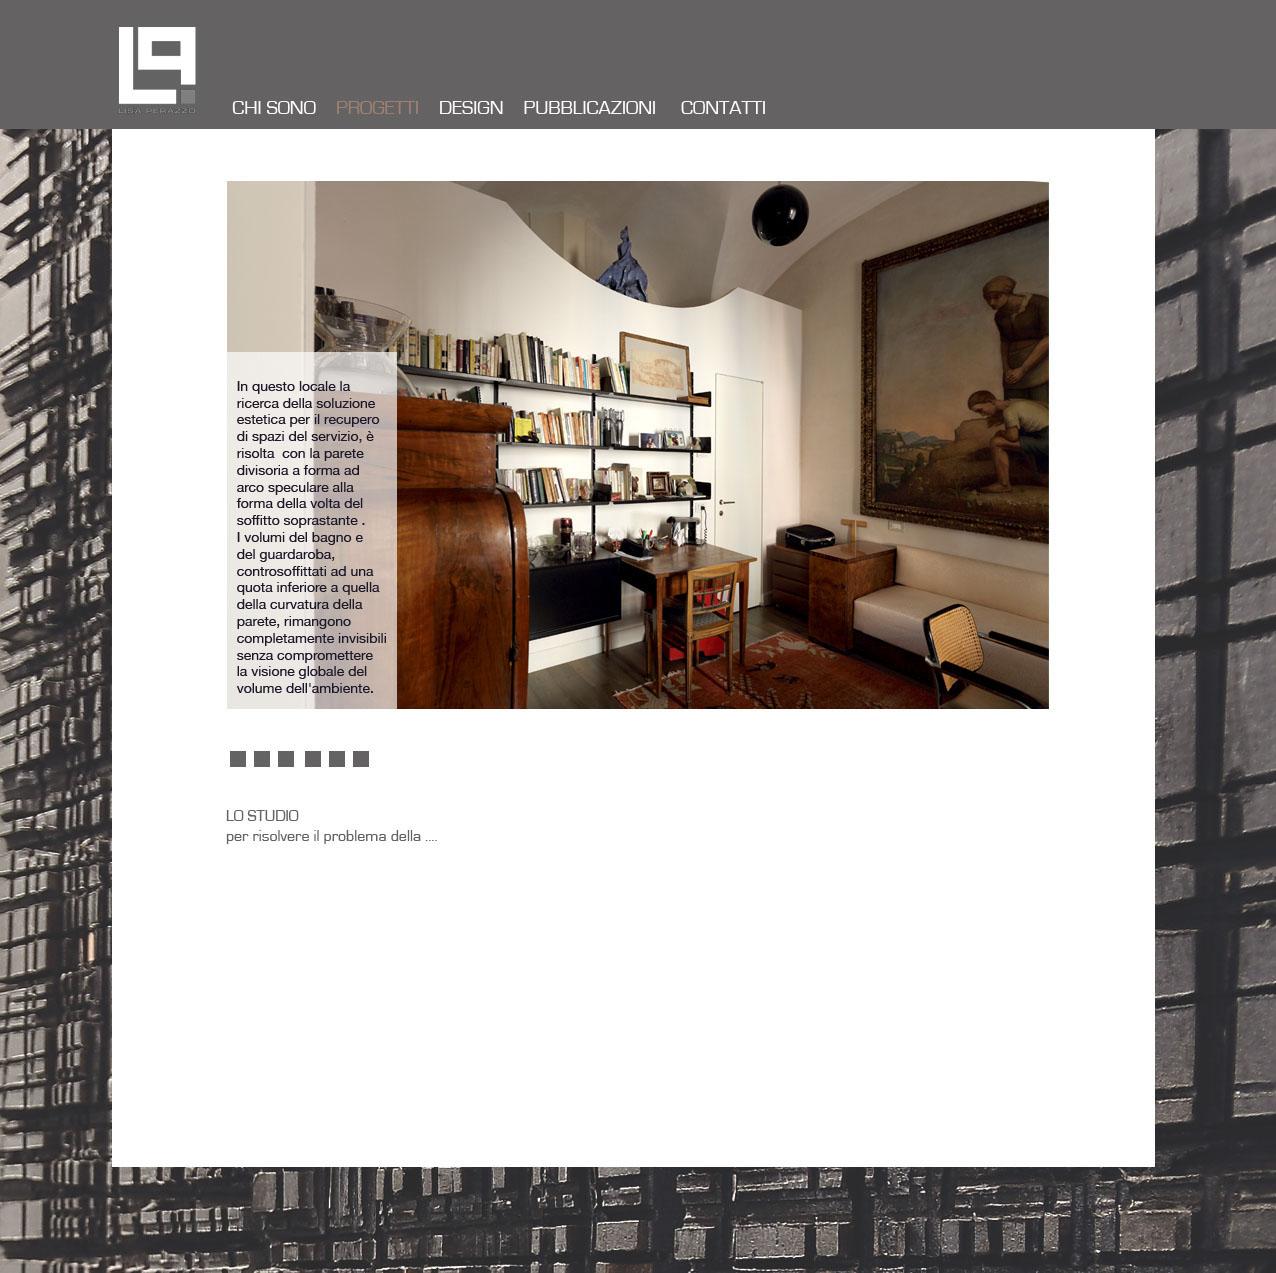 la pagina interna del sito con l'esempio della didascalia in trasparenza